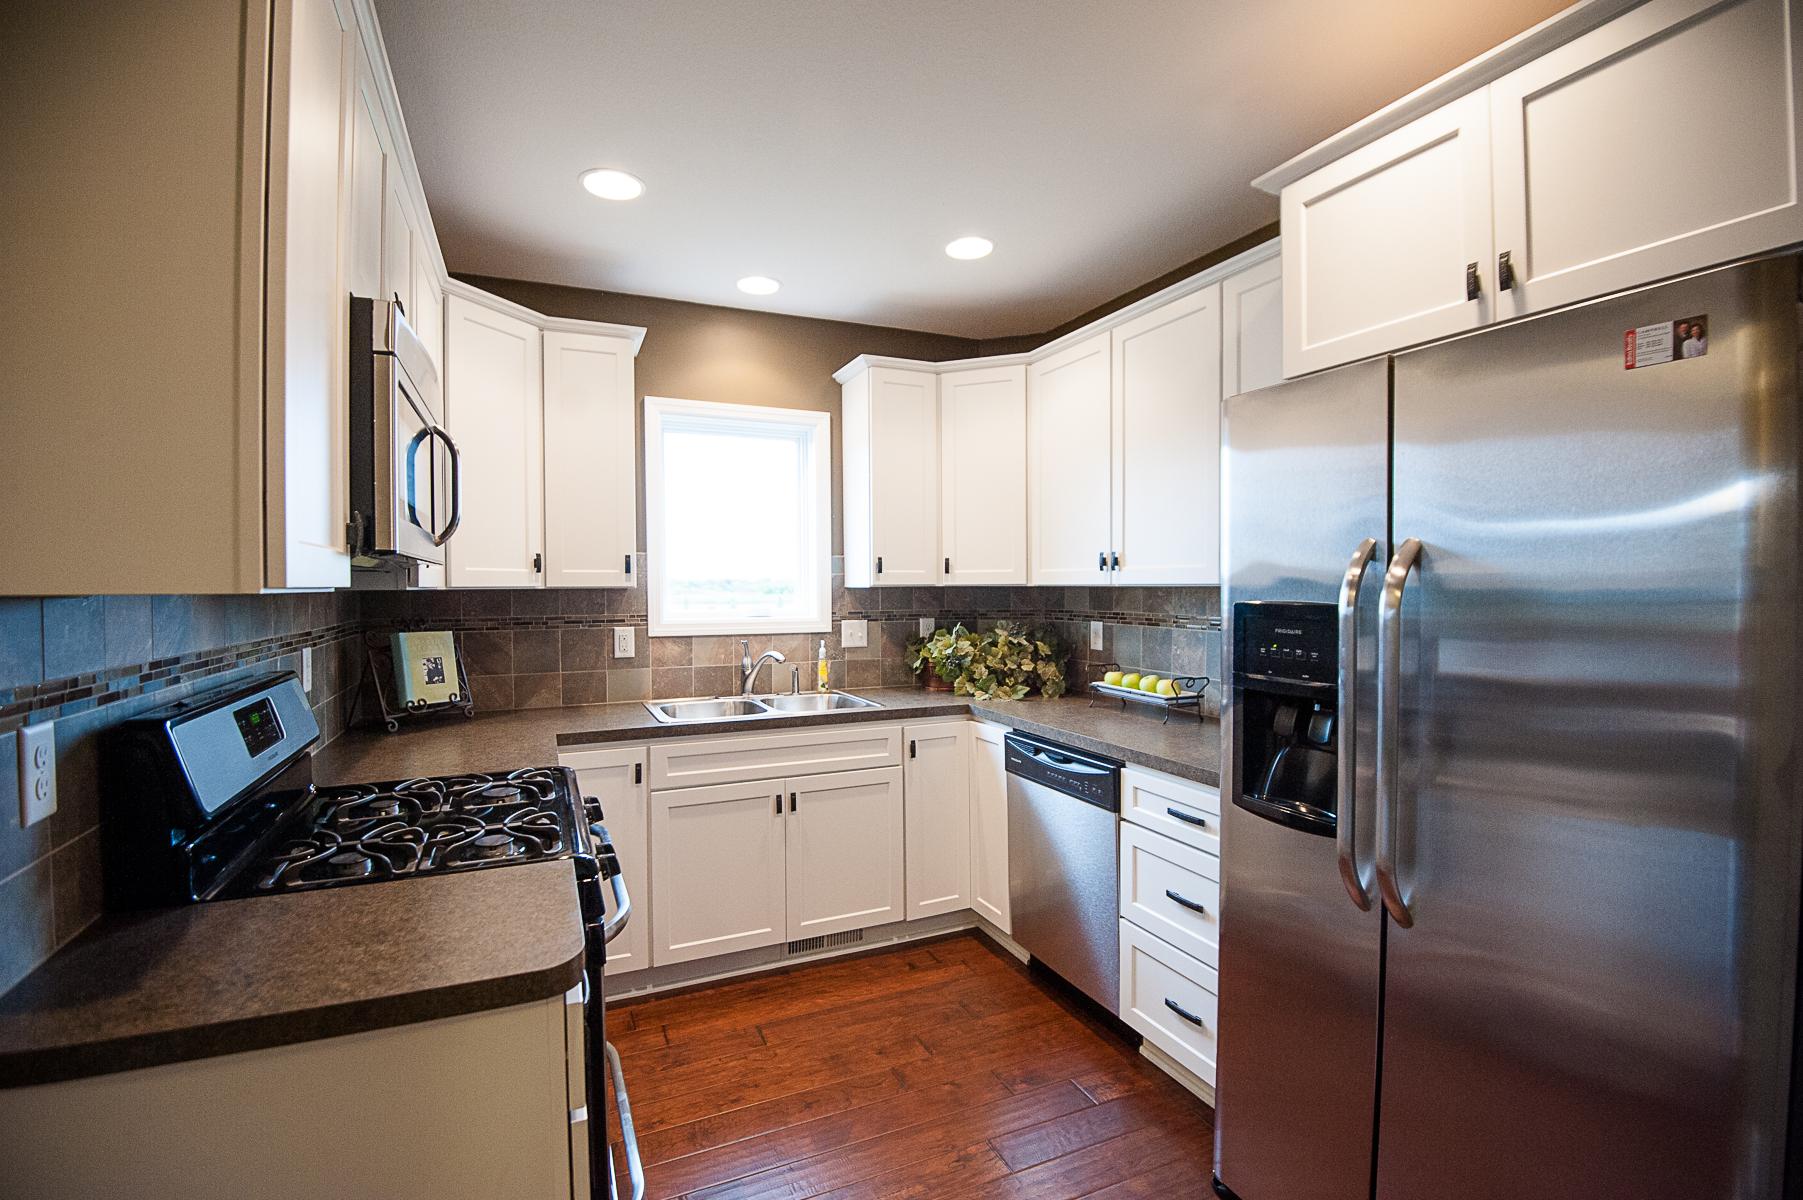 Ramsey house kitchen-4x6-8361.jpg